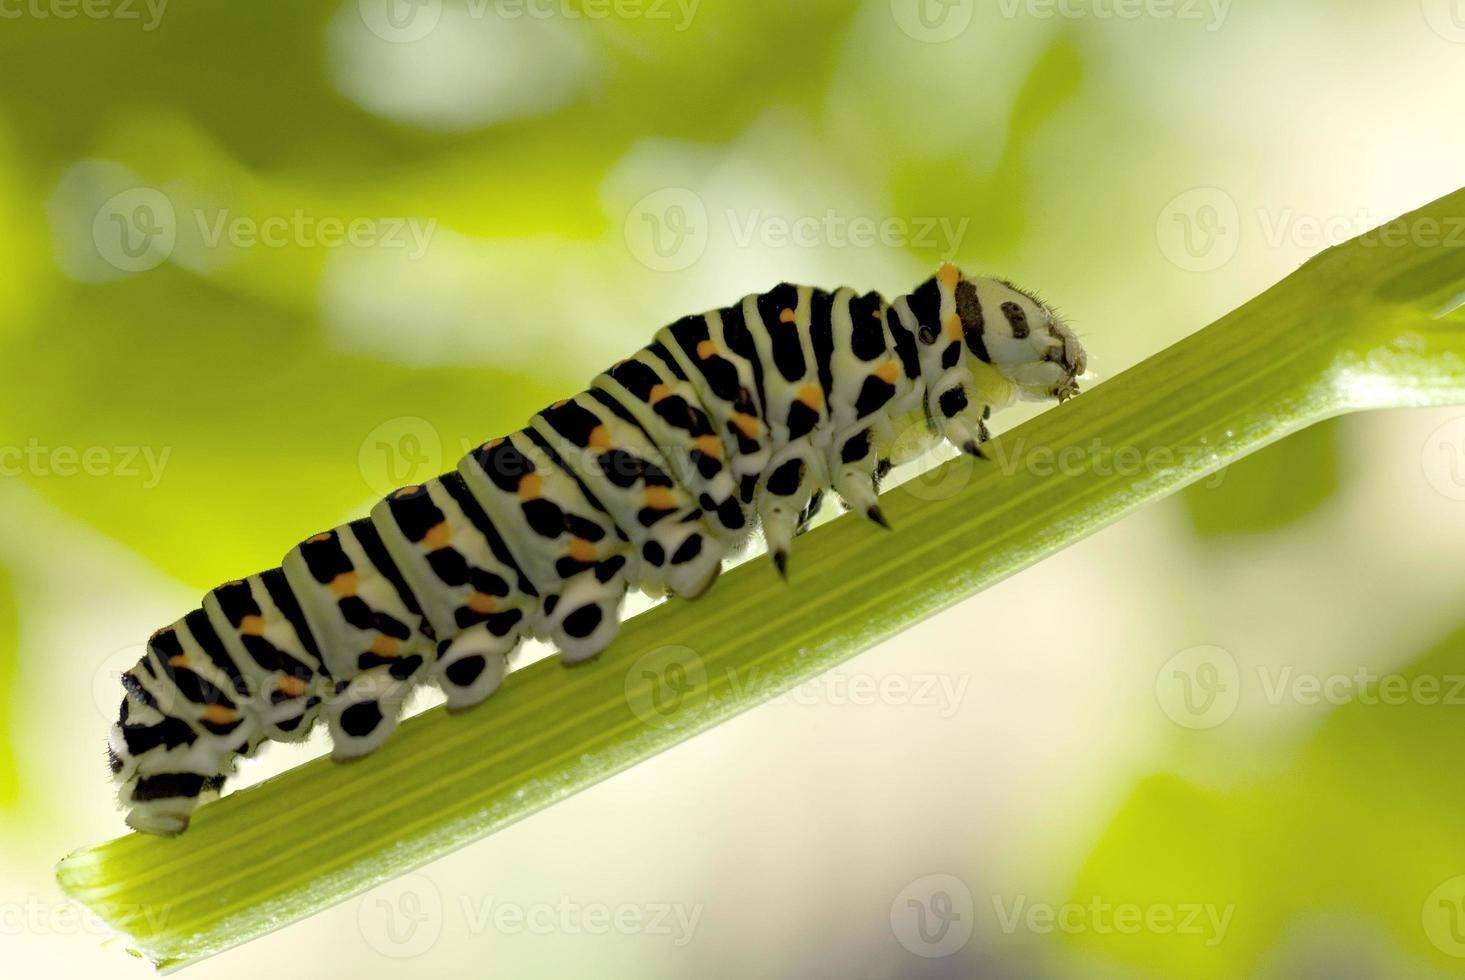 monarchrupsband die Kroontjeskruid eet foto